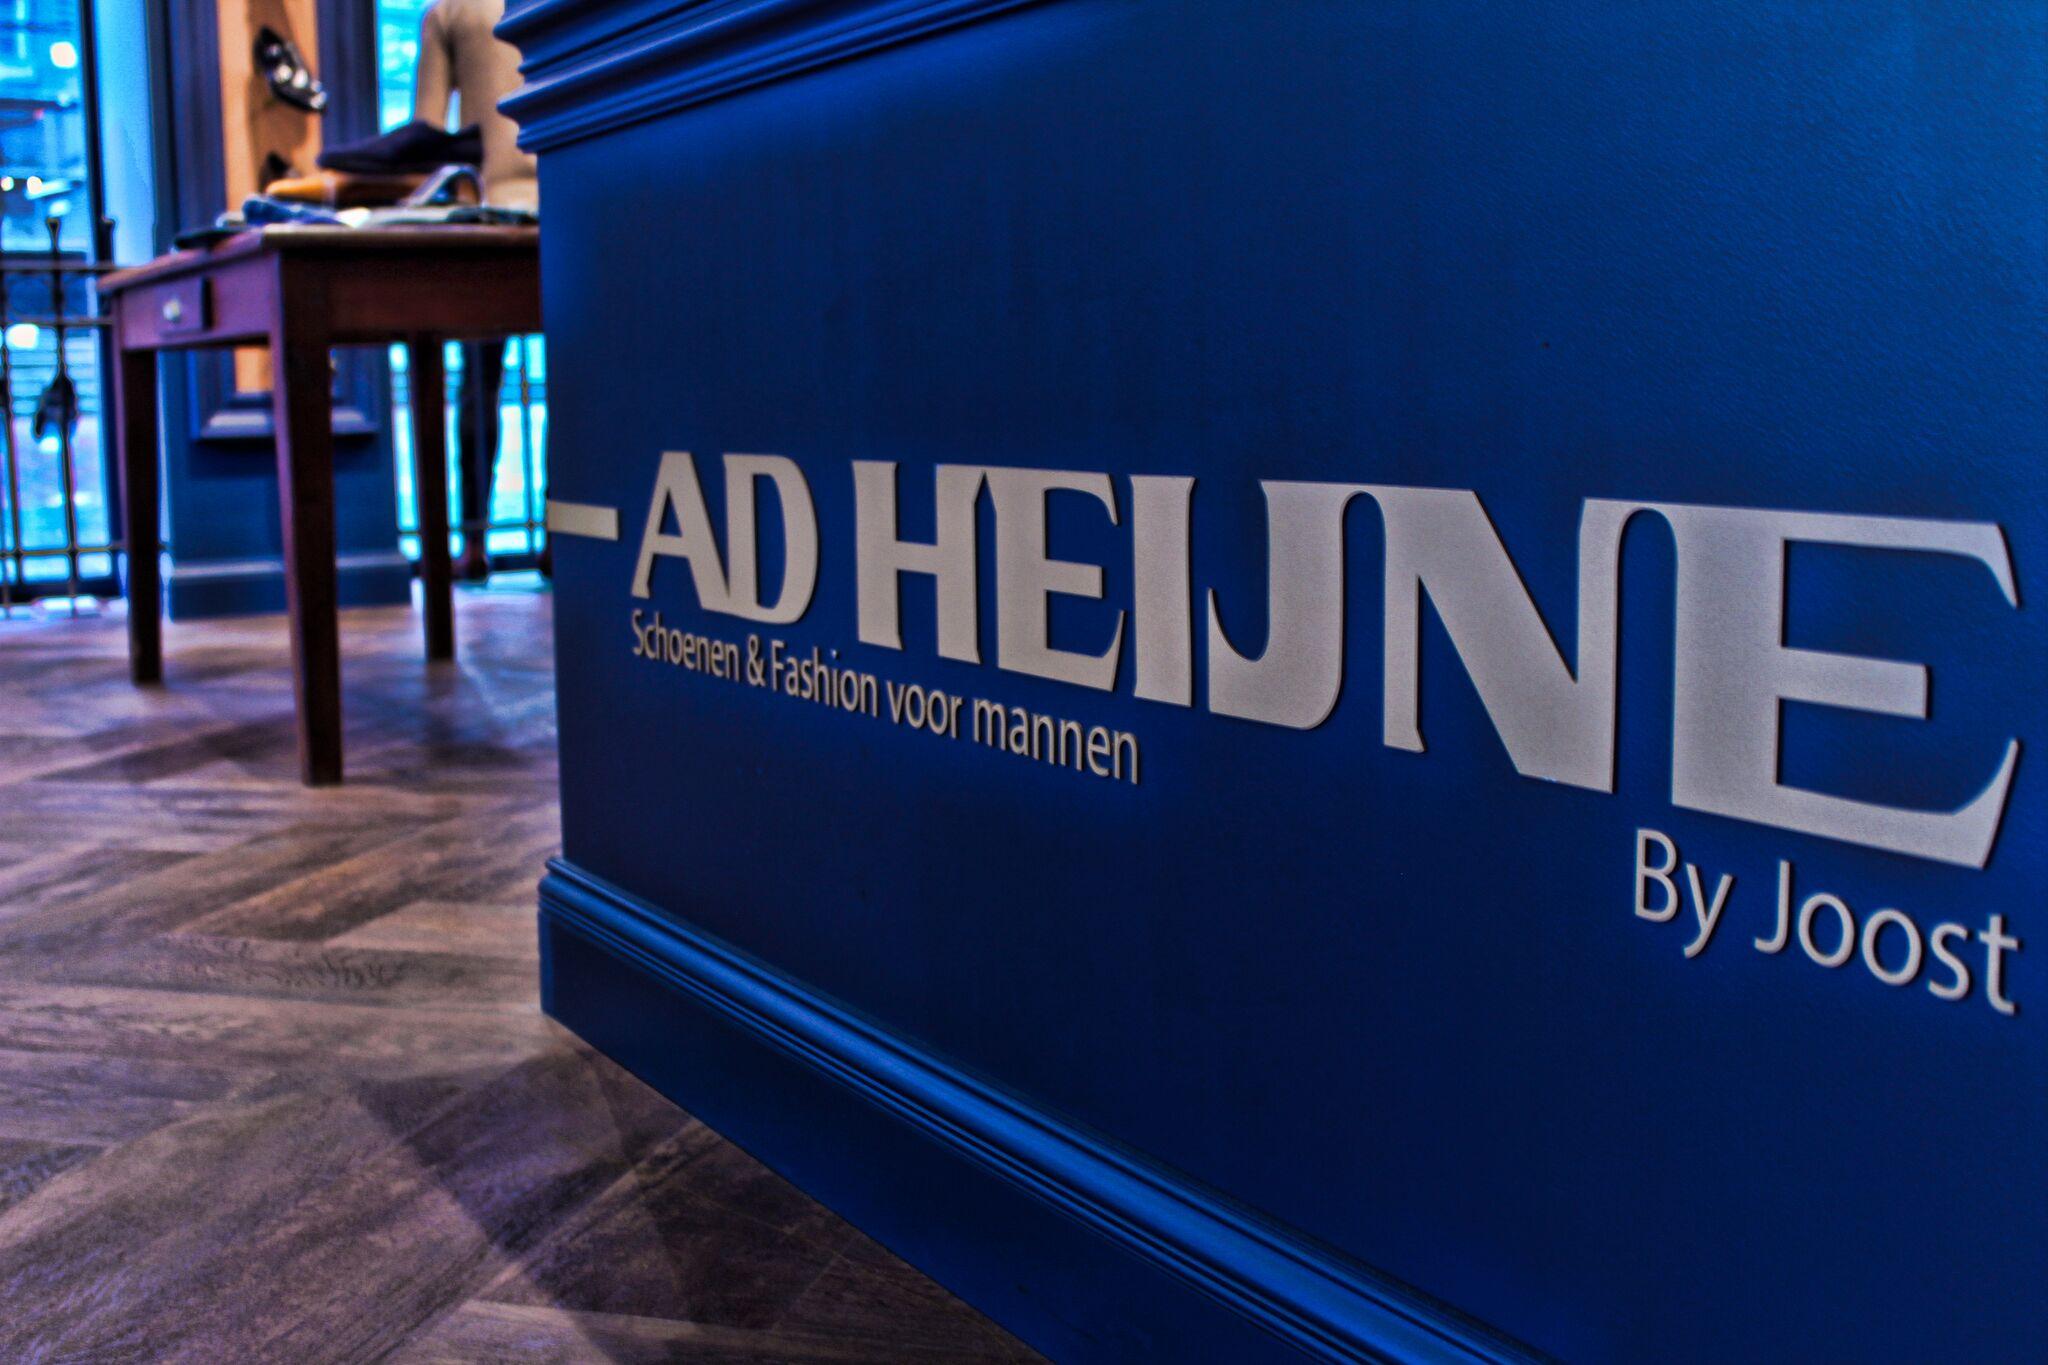 Ad Heijne Schoenen en Fashion Enschede